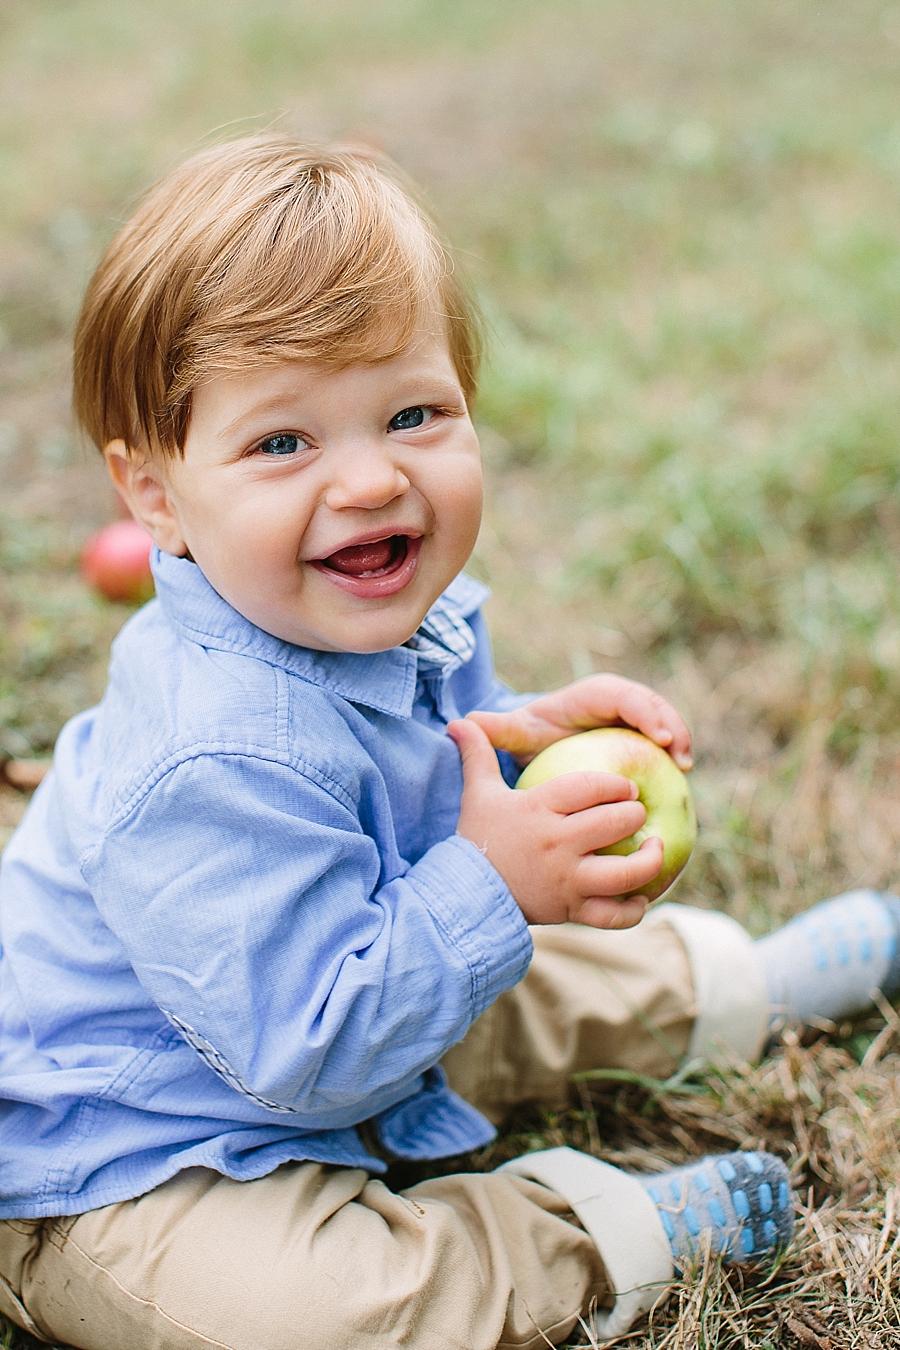 babyfotos, kindernfotos, natuerlich, entspannt, apfel, natur, grün, rot, blau, 9 monate, aline lange fotografie, heidelberg, rhein-neckar, mannheim, karlsruhe